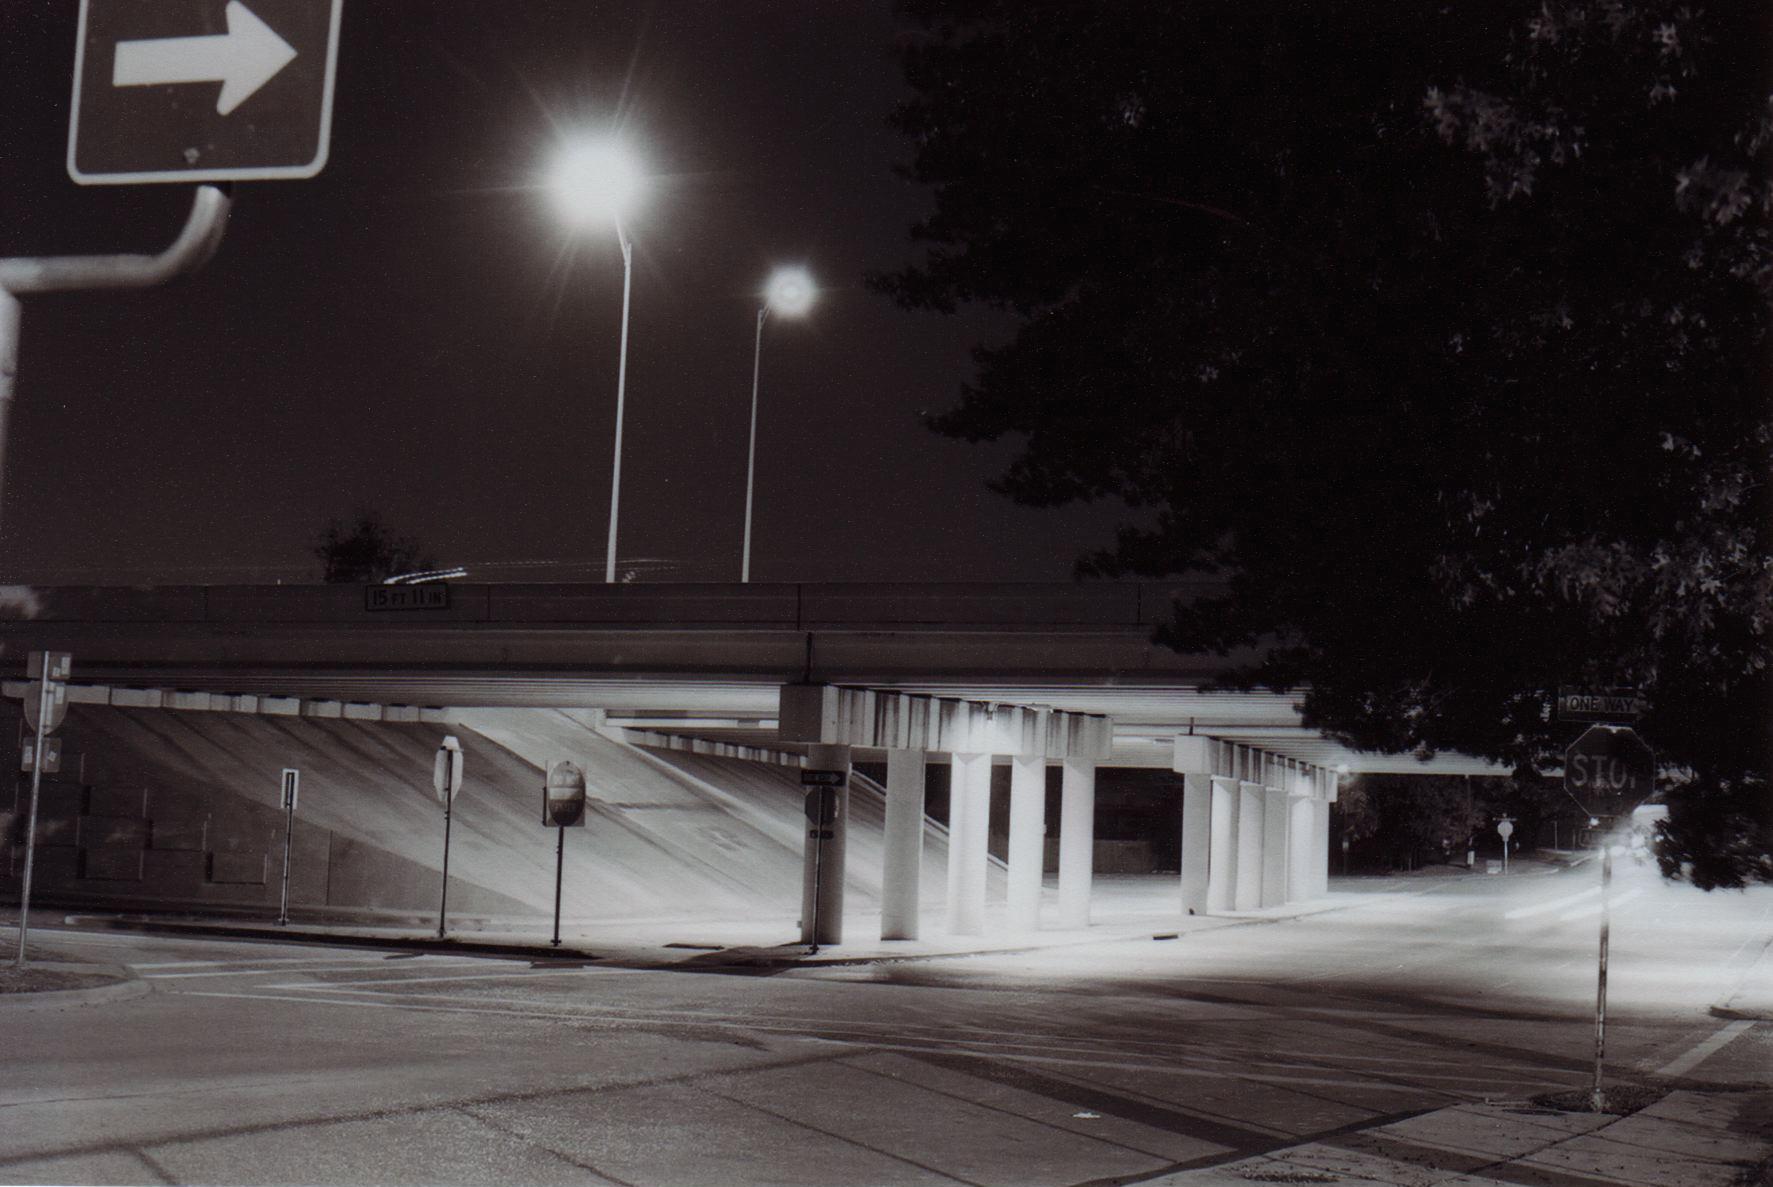 nightphoto_0004.jpg